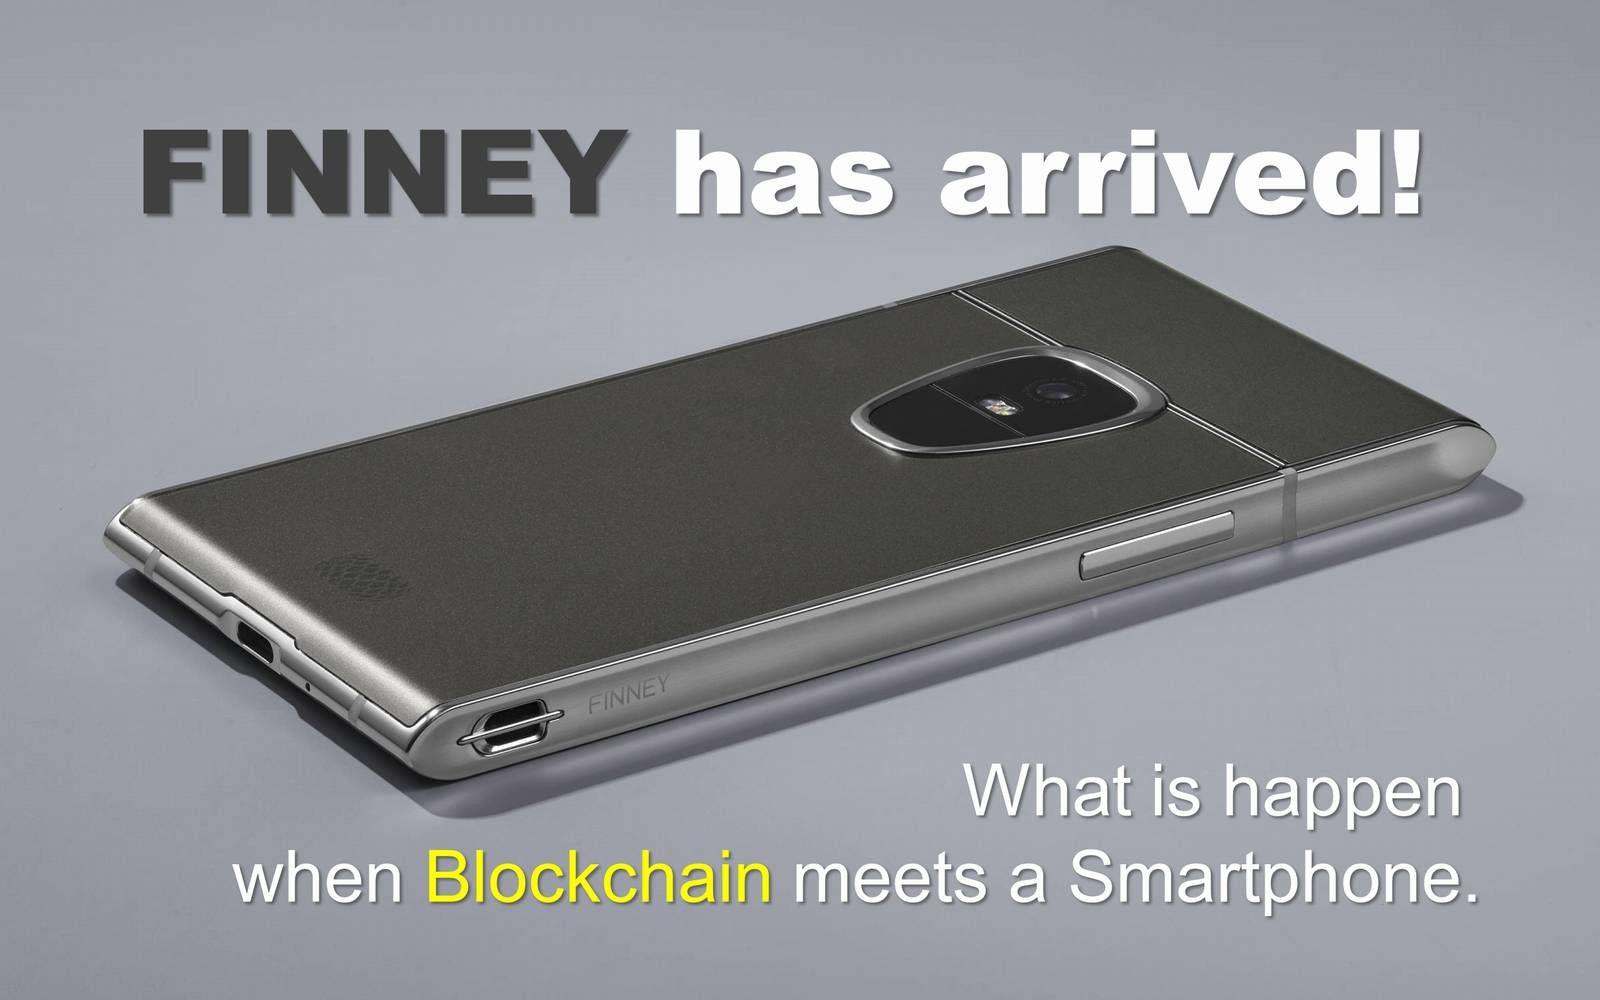 ブロックチェーンスマホ「FINNEY」上陸 ―「DAppsや仮想通貨に触れるきっかけに」SIRIN LABS JAPANインタビュー